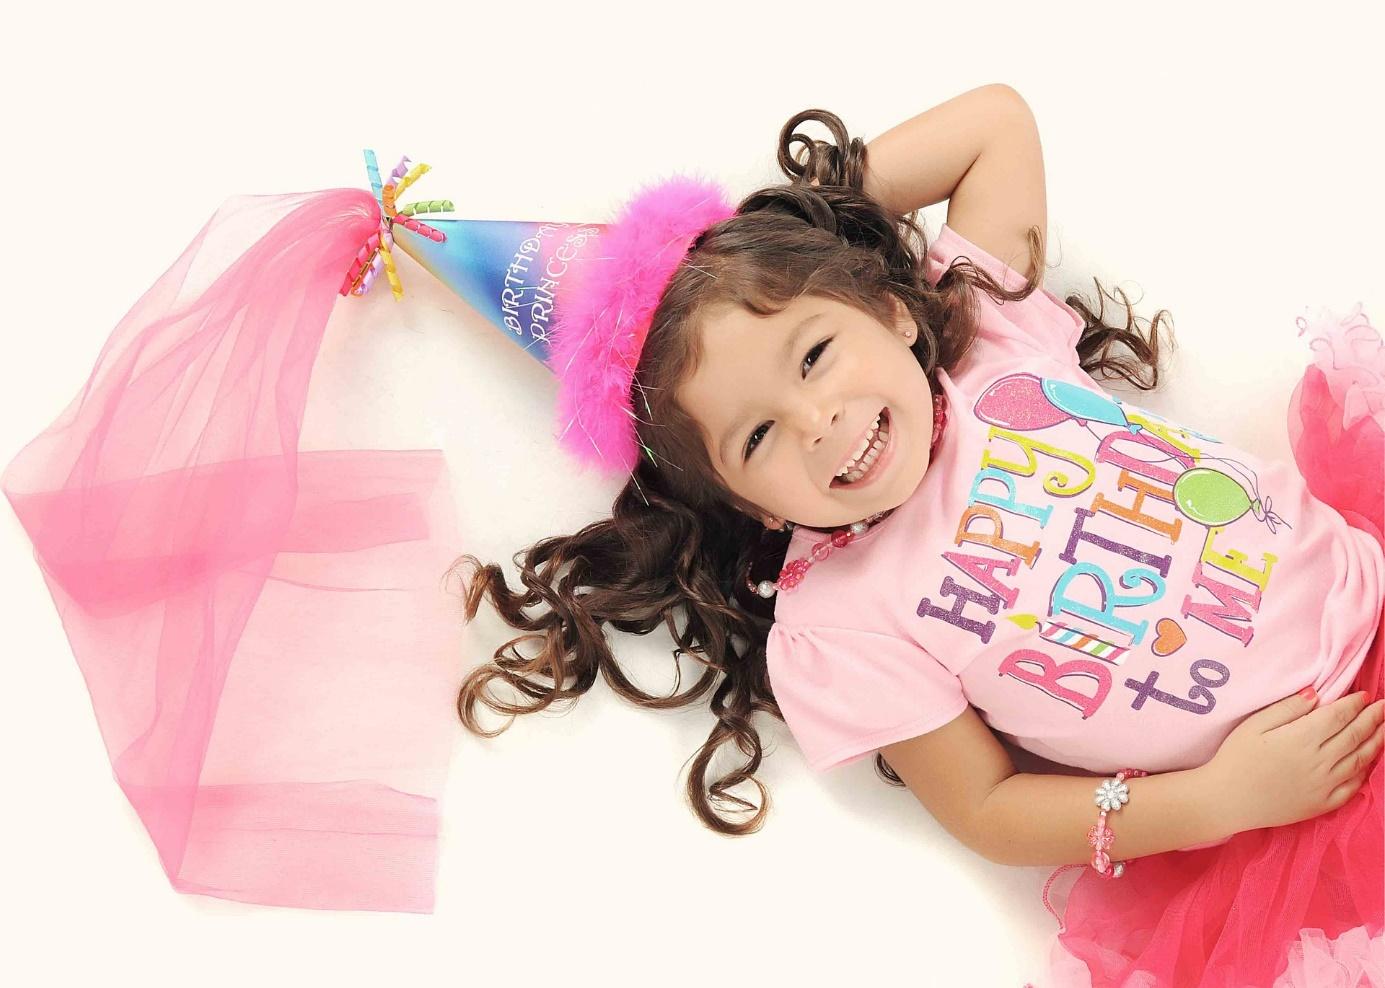 Mädchen als Prinzessin verkleidet